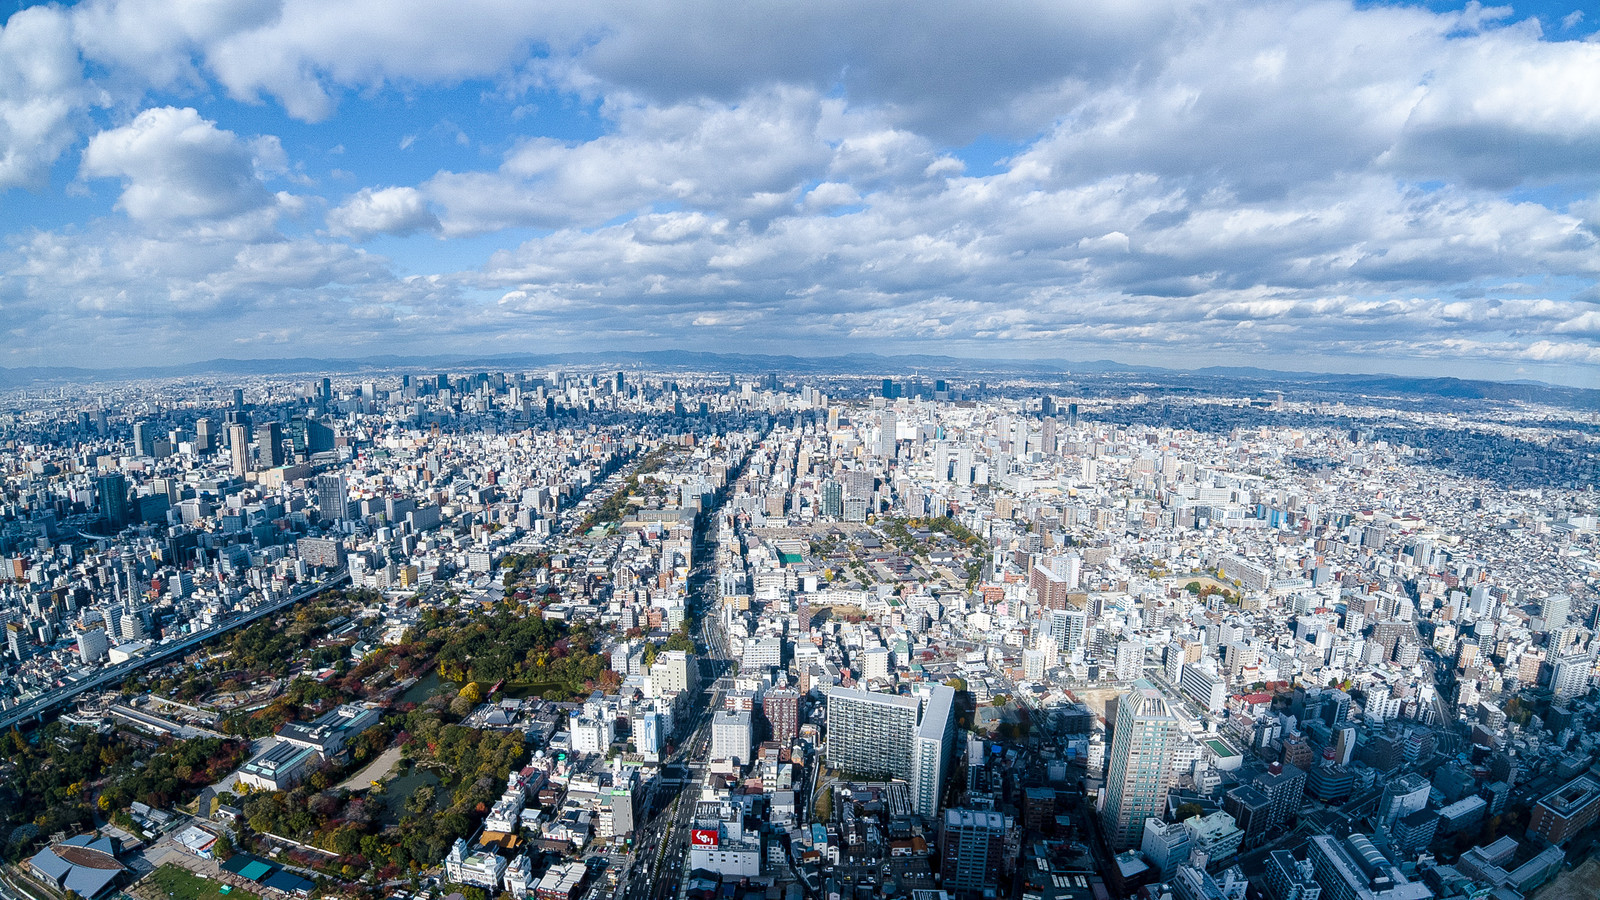 「あべのハルカスからの眺め(大阪市阿倍野区)」の写真